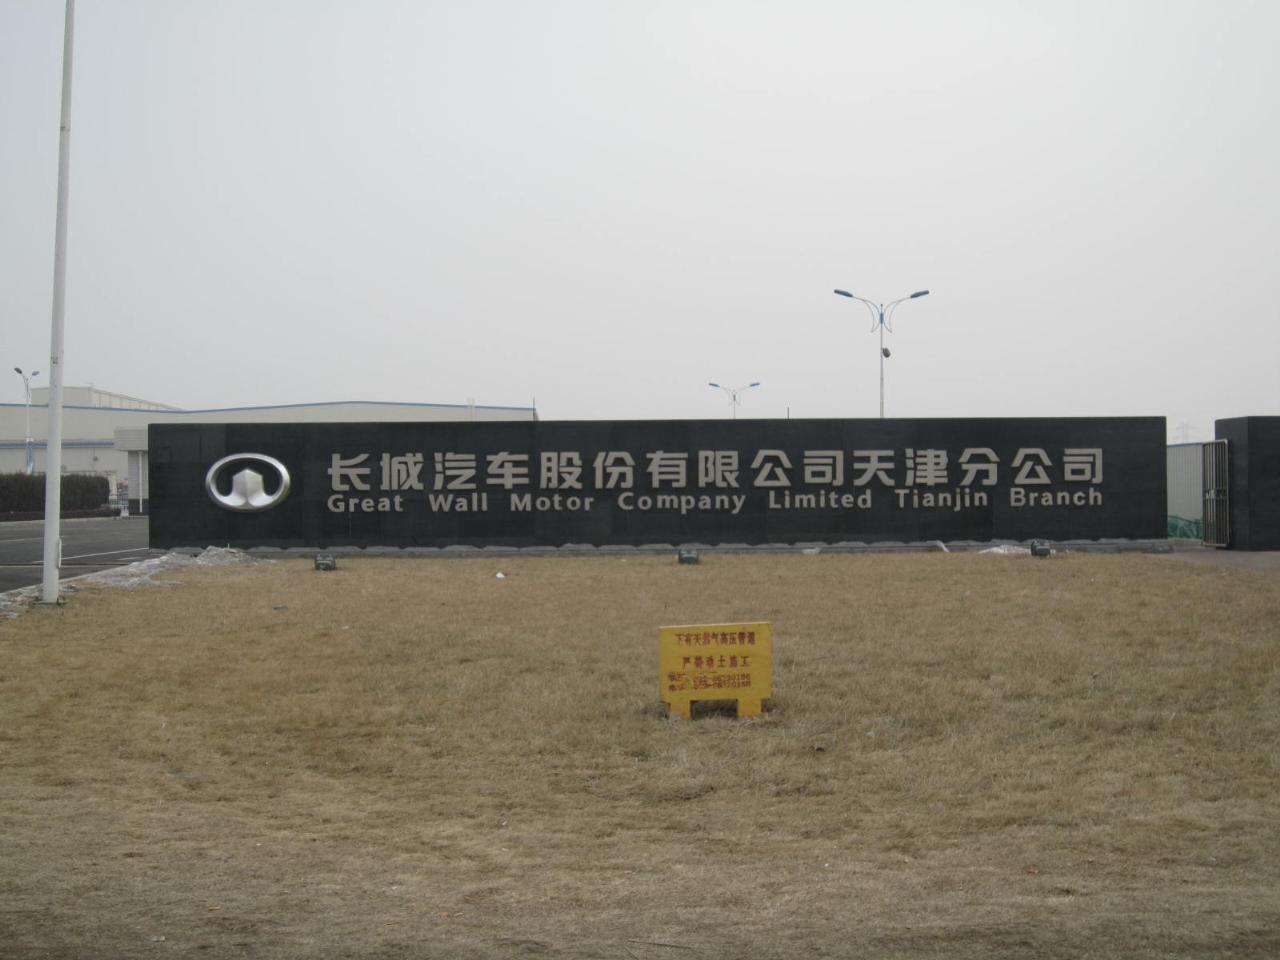 長城汽車天津分公司招聘保潔工